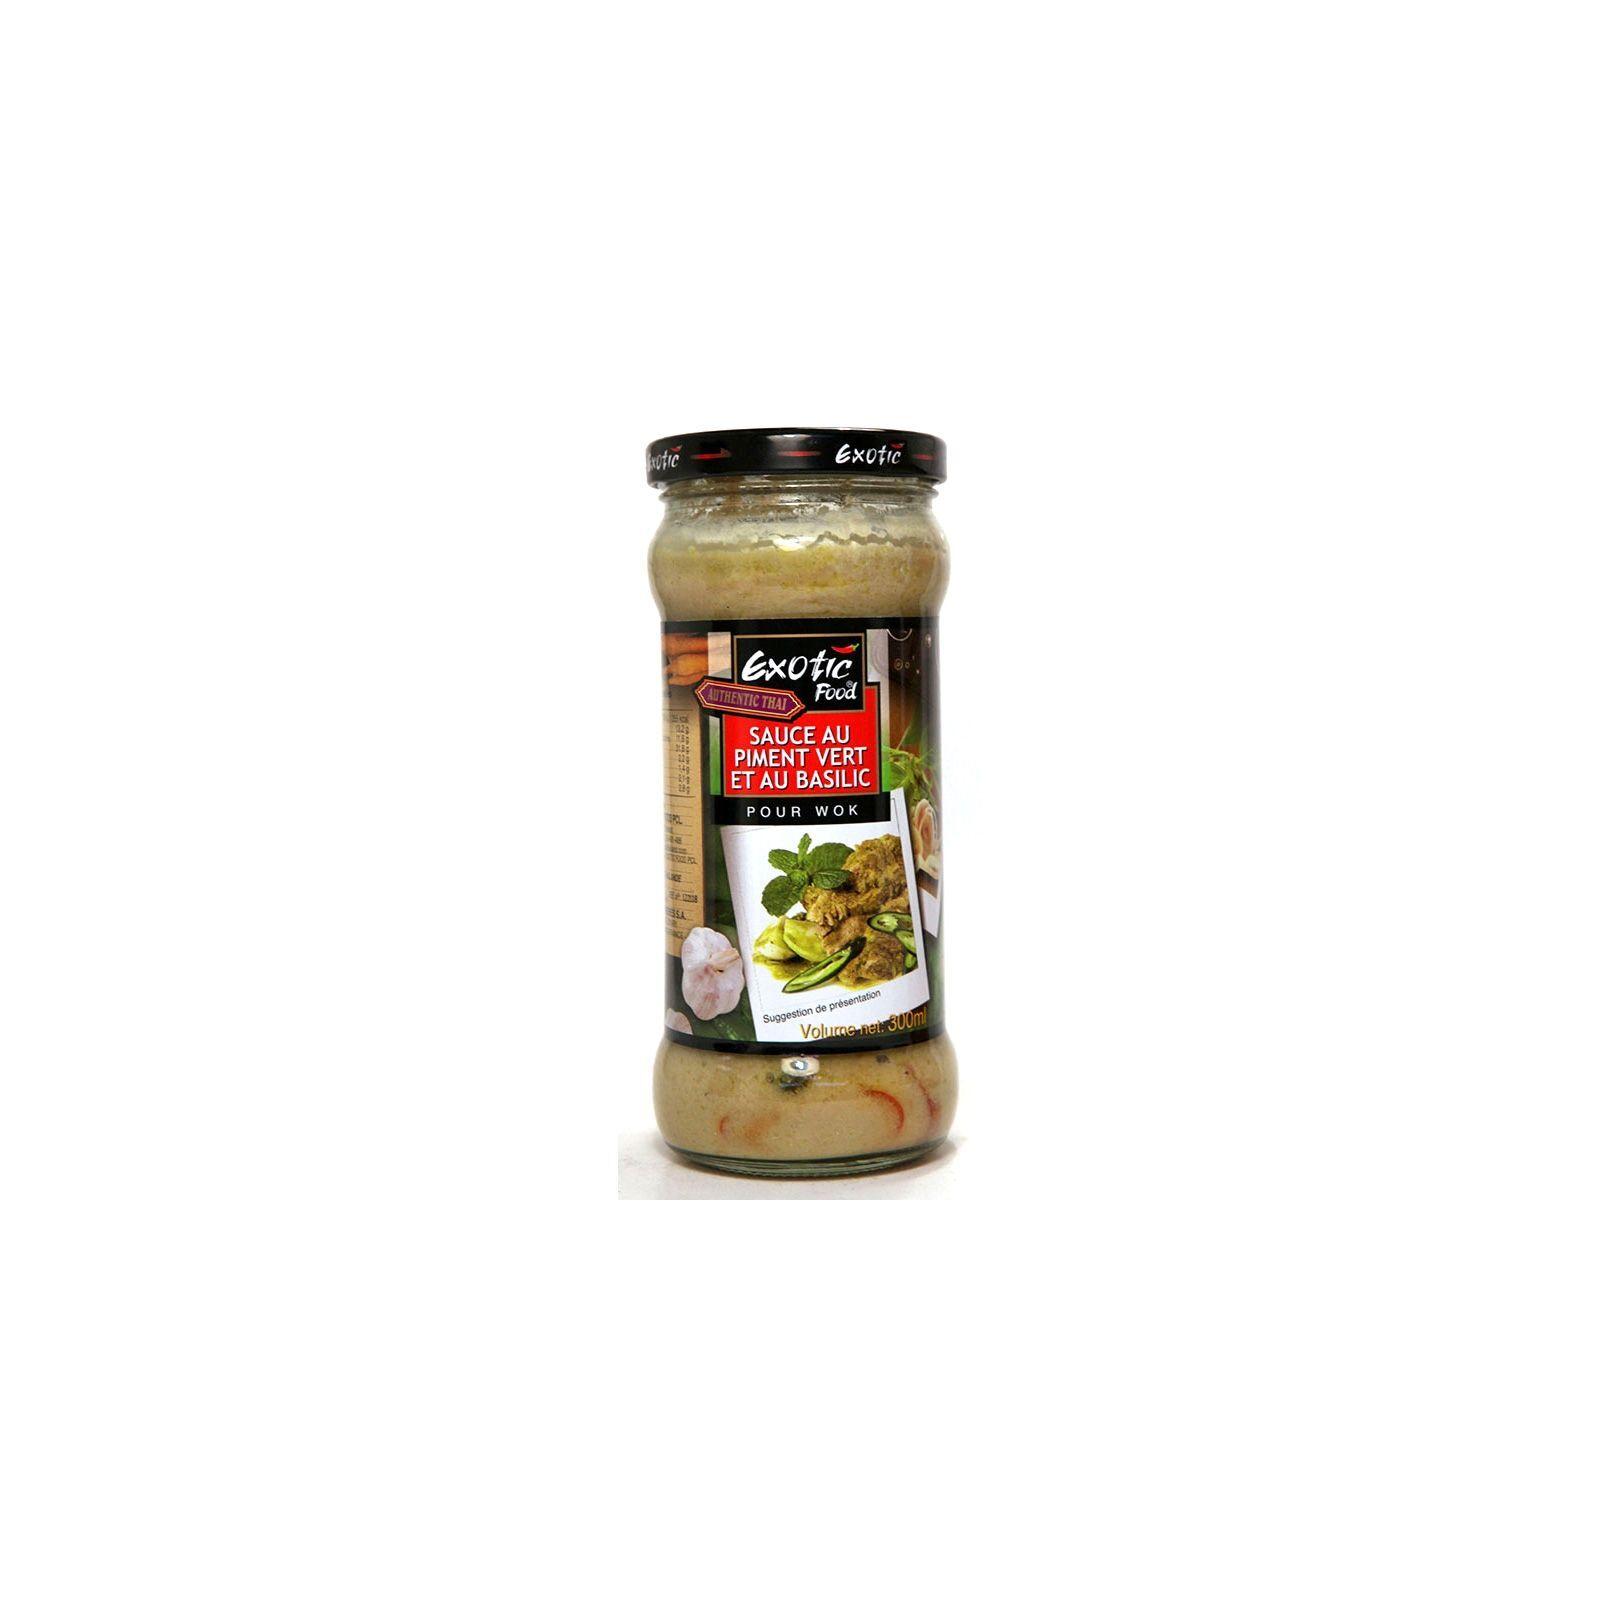 Asia Marché Sauce wok Piment vert et basilic 300ml Exotic Food